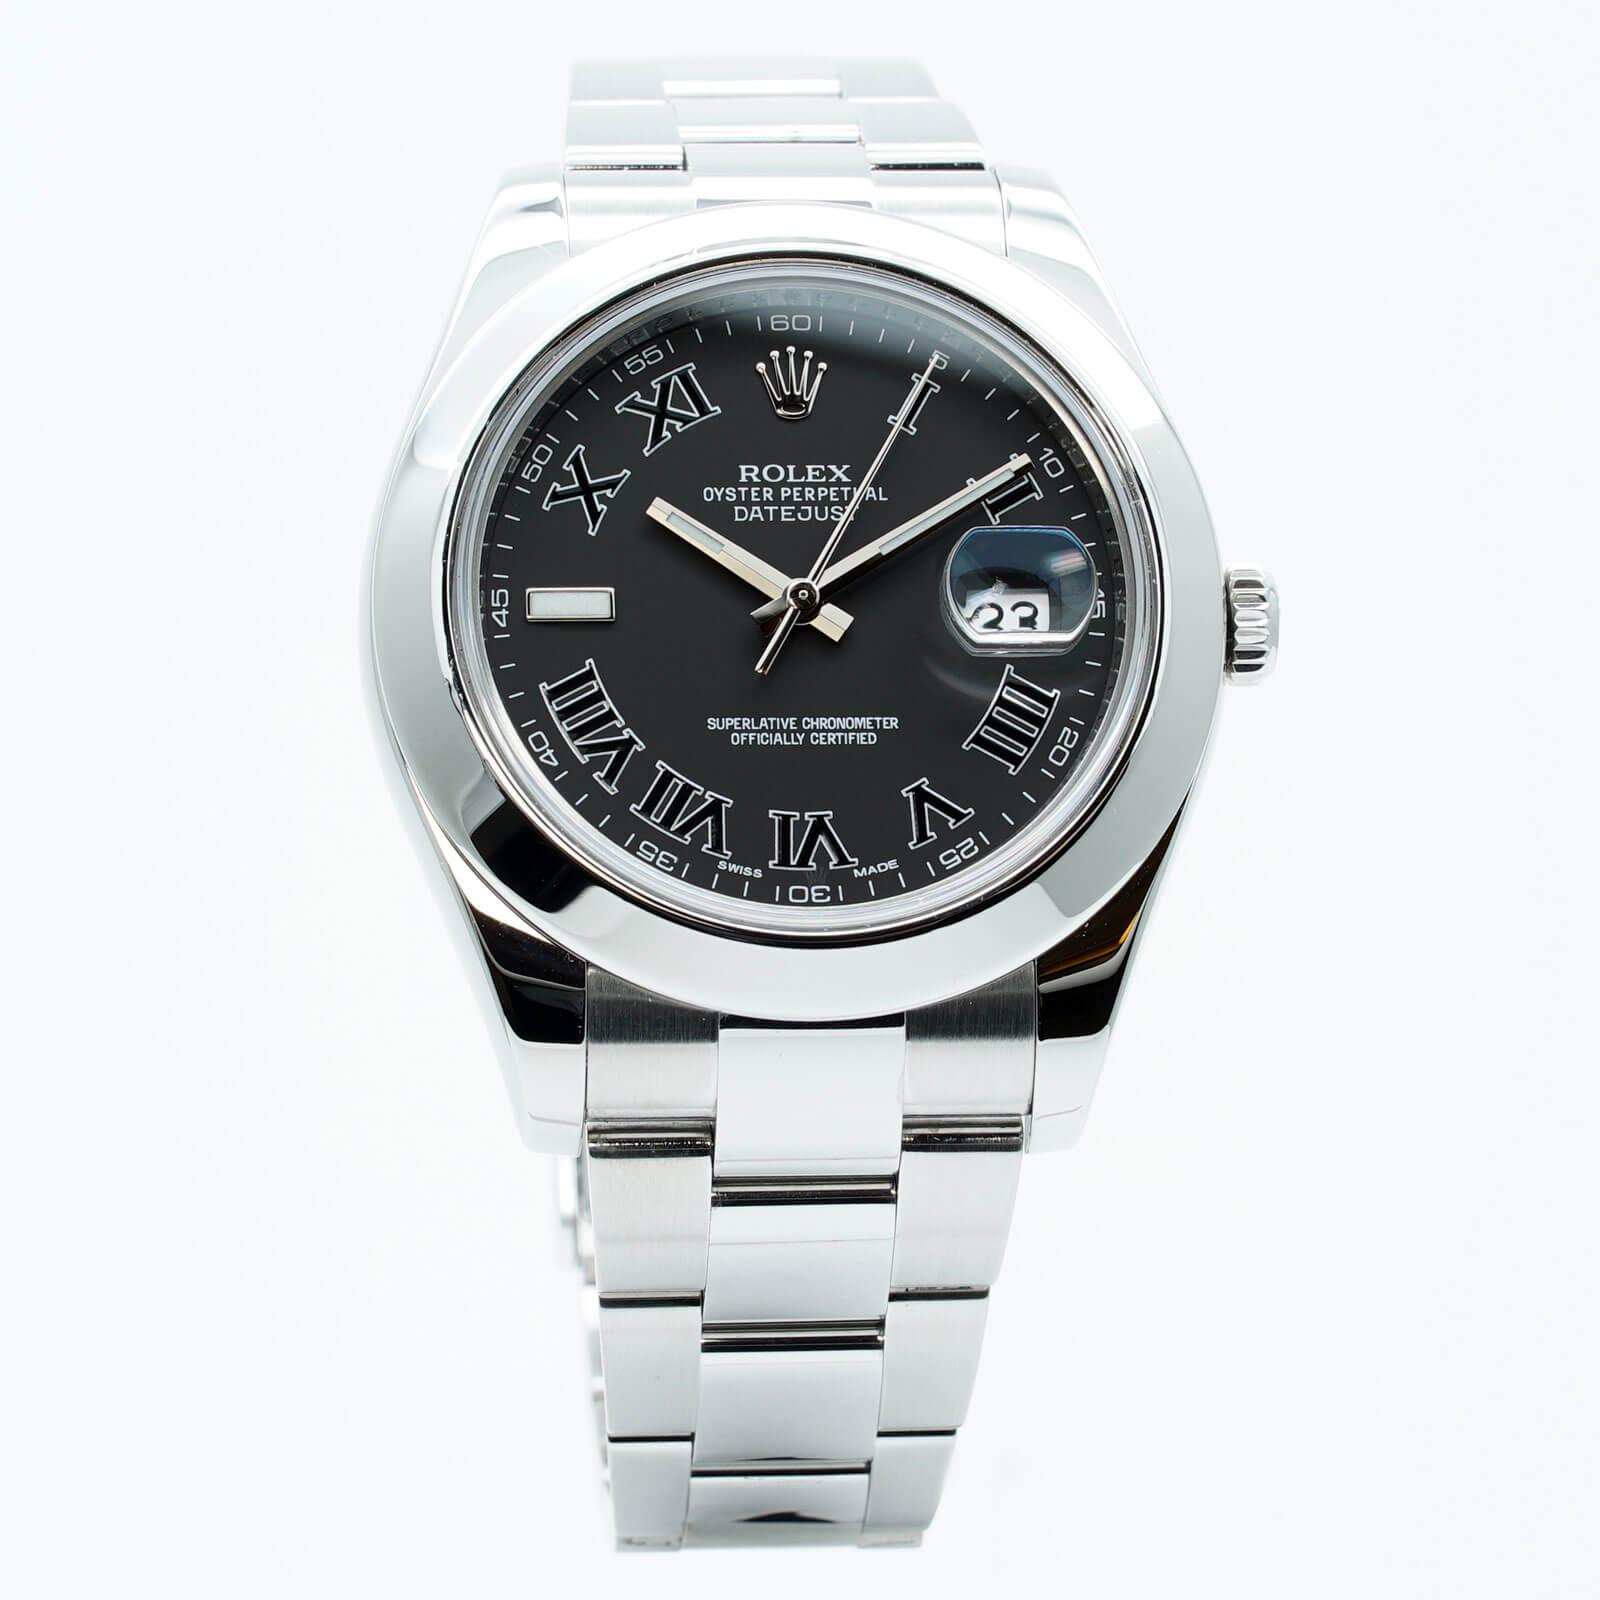 0dff6953bf115 Montre-Rolex-Datejust-II-41-mm-occasion-Lionel-